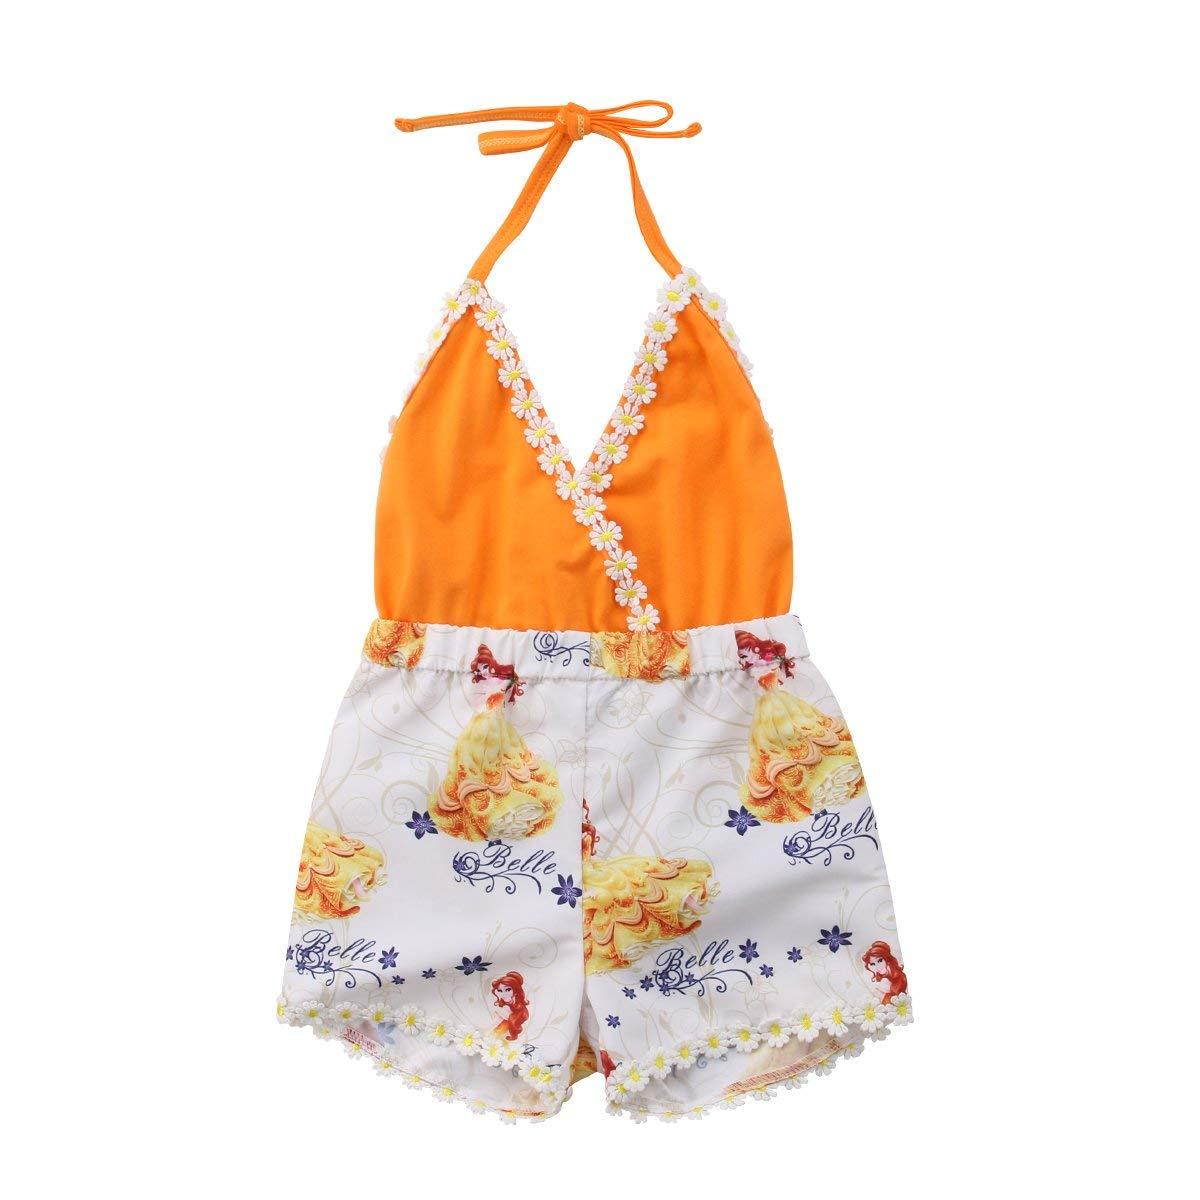 WANGSAURA Baby M/ädchen Halfter Einteiler Sommer Kleinkind Overall Outfit Lace r/ückenfreie Kleidung mit Druck Sunflower Sunsuit